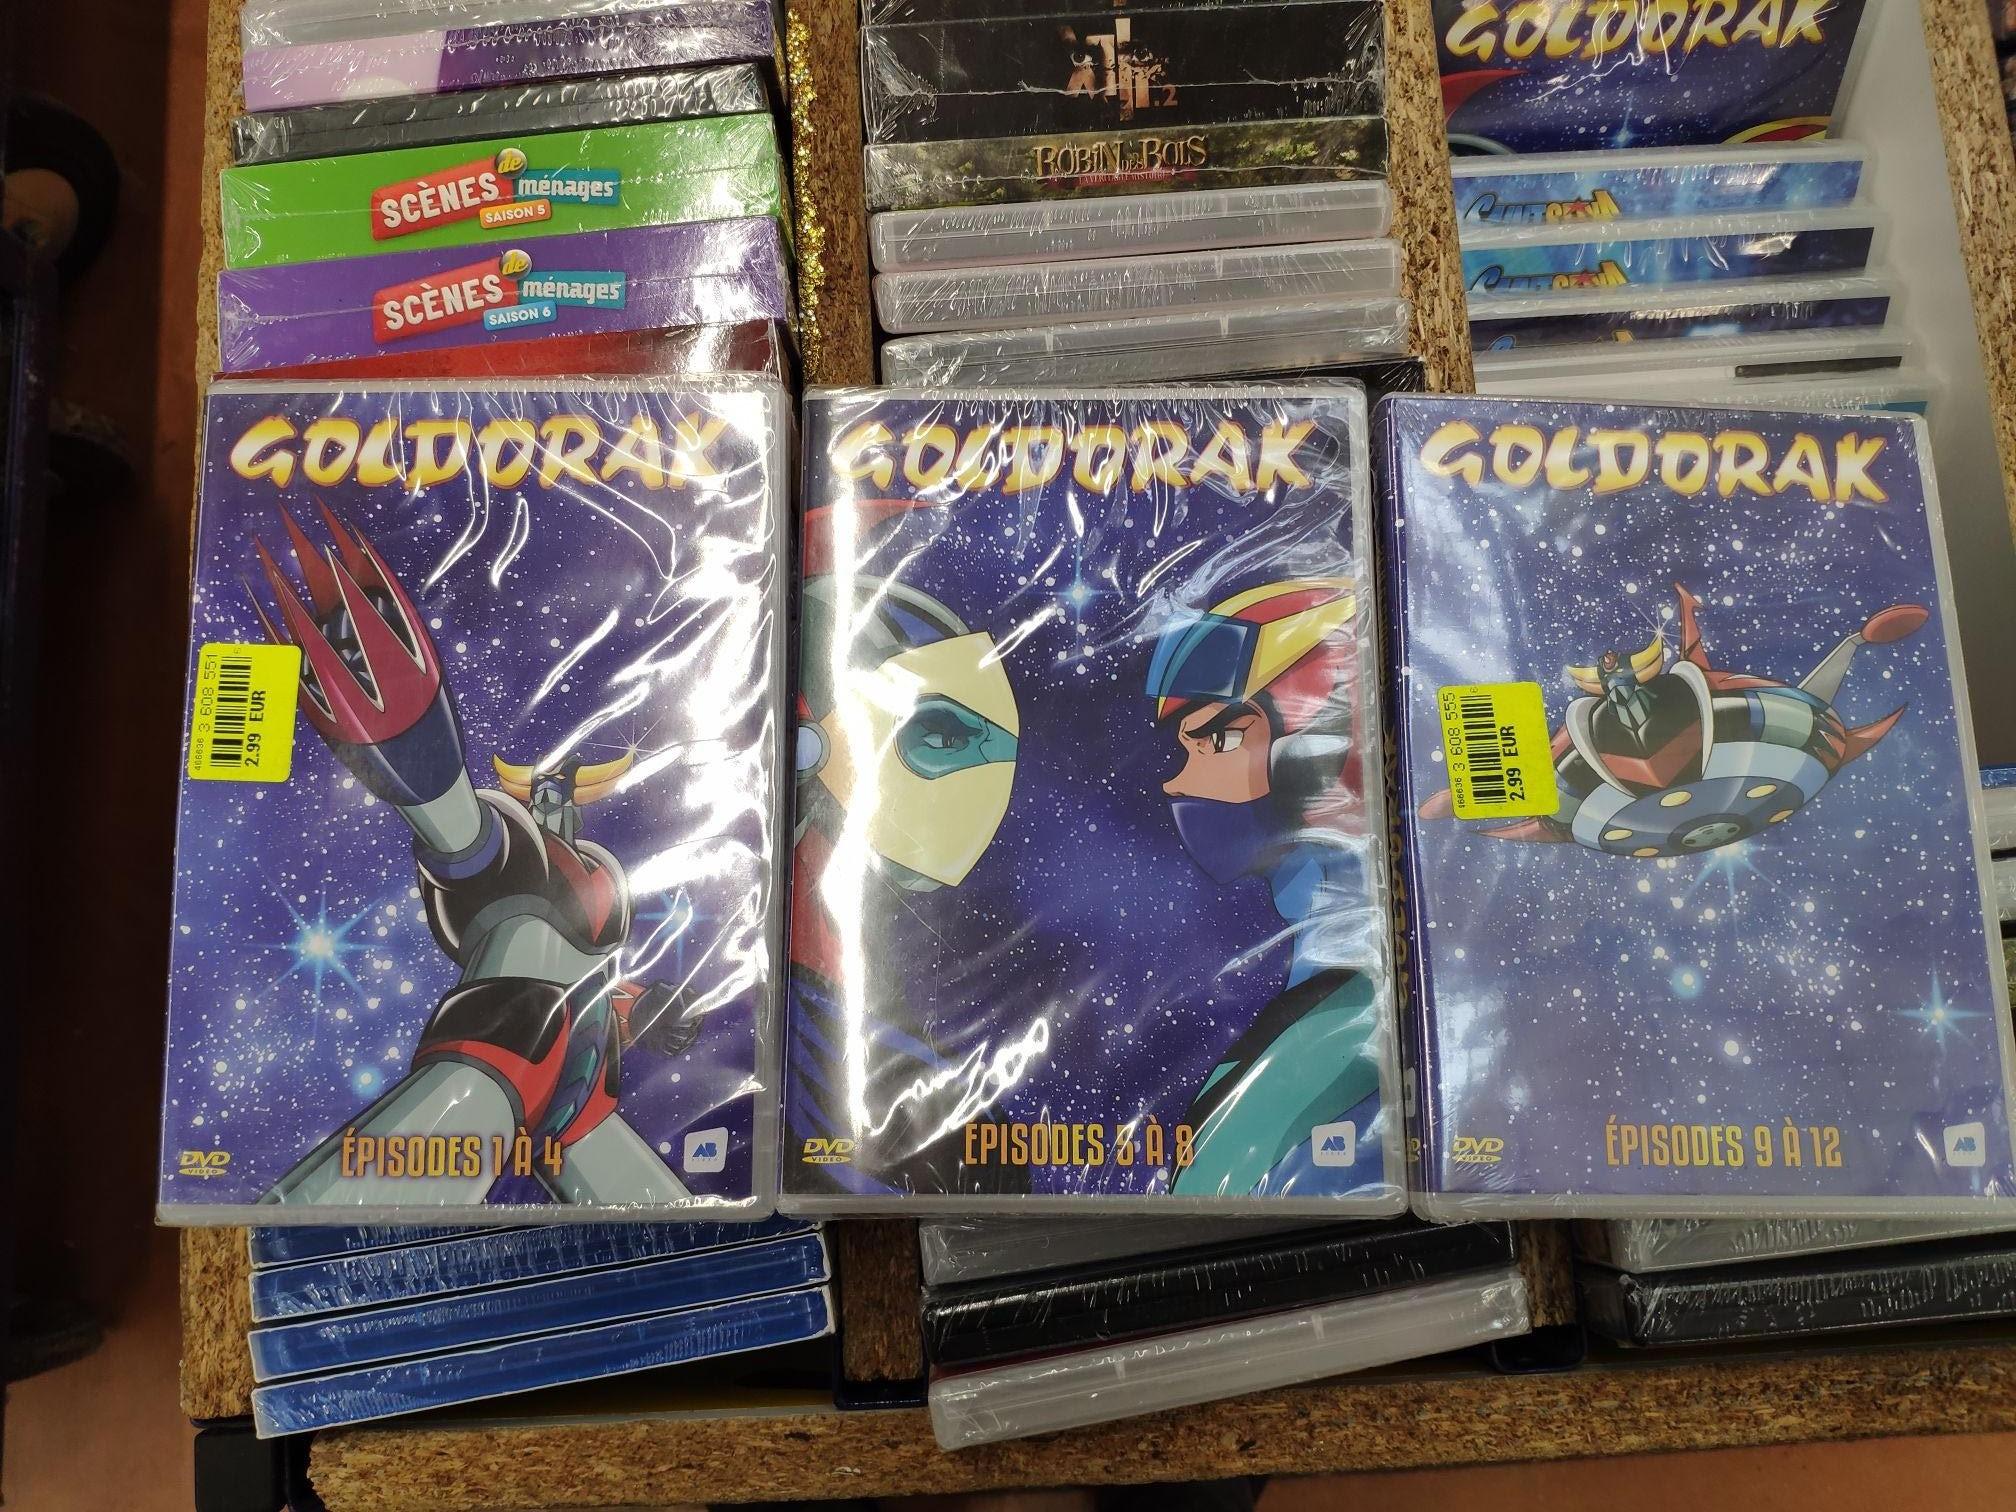 Sélection de DVD's Goldorak à 2.99€ - Gien (45)